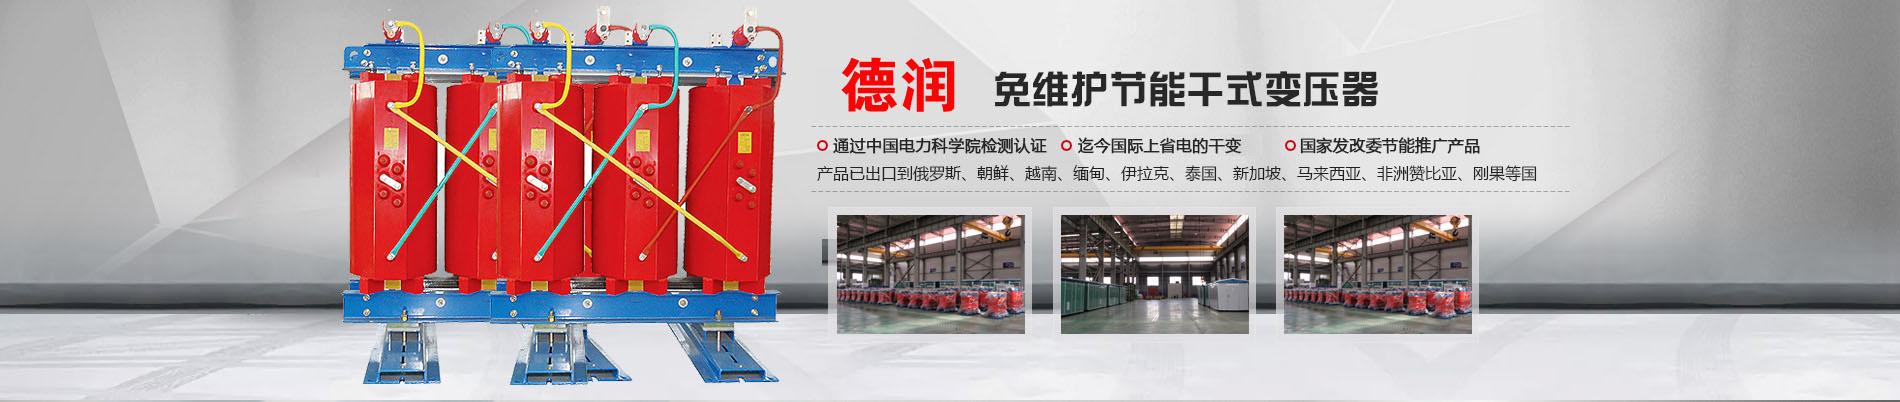 洛阳干式变压器厂家